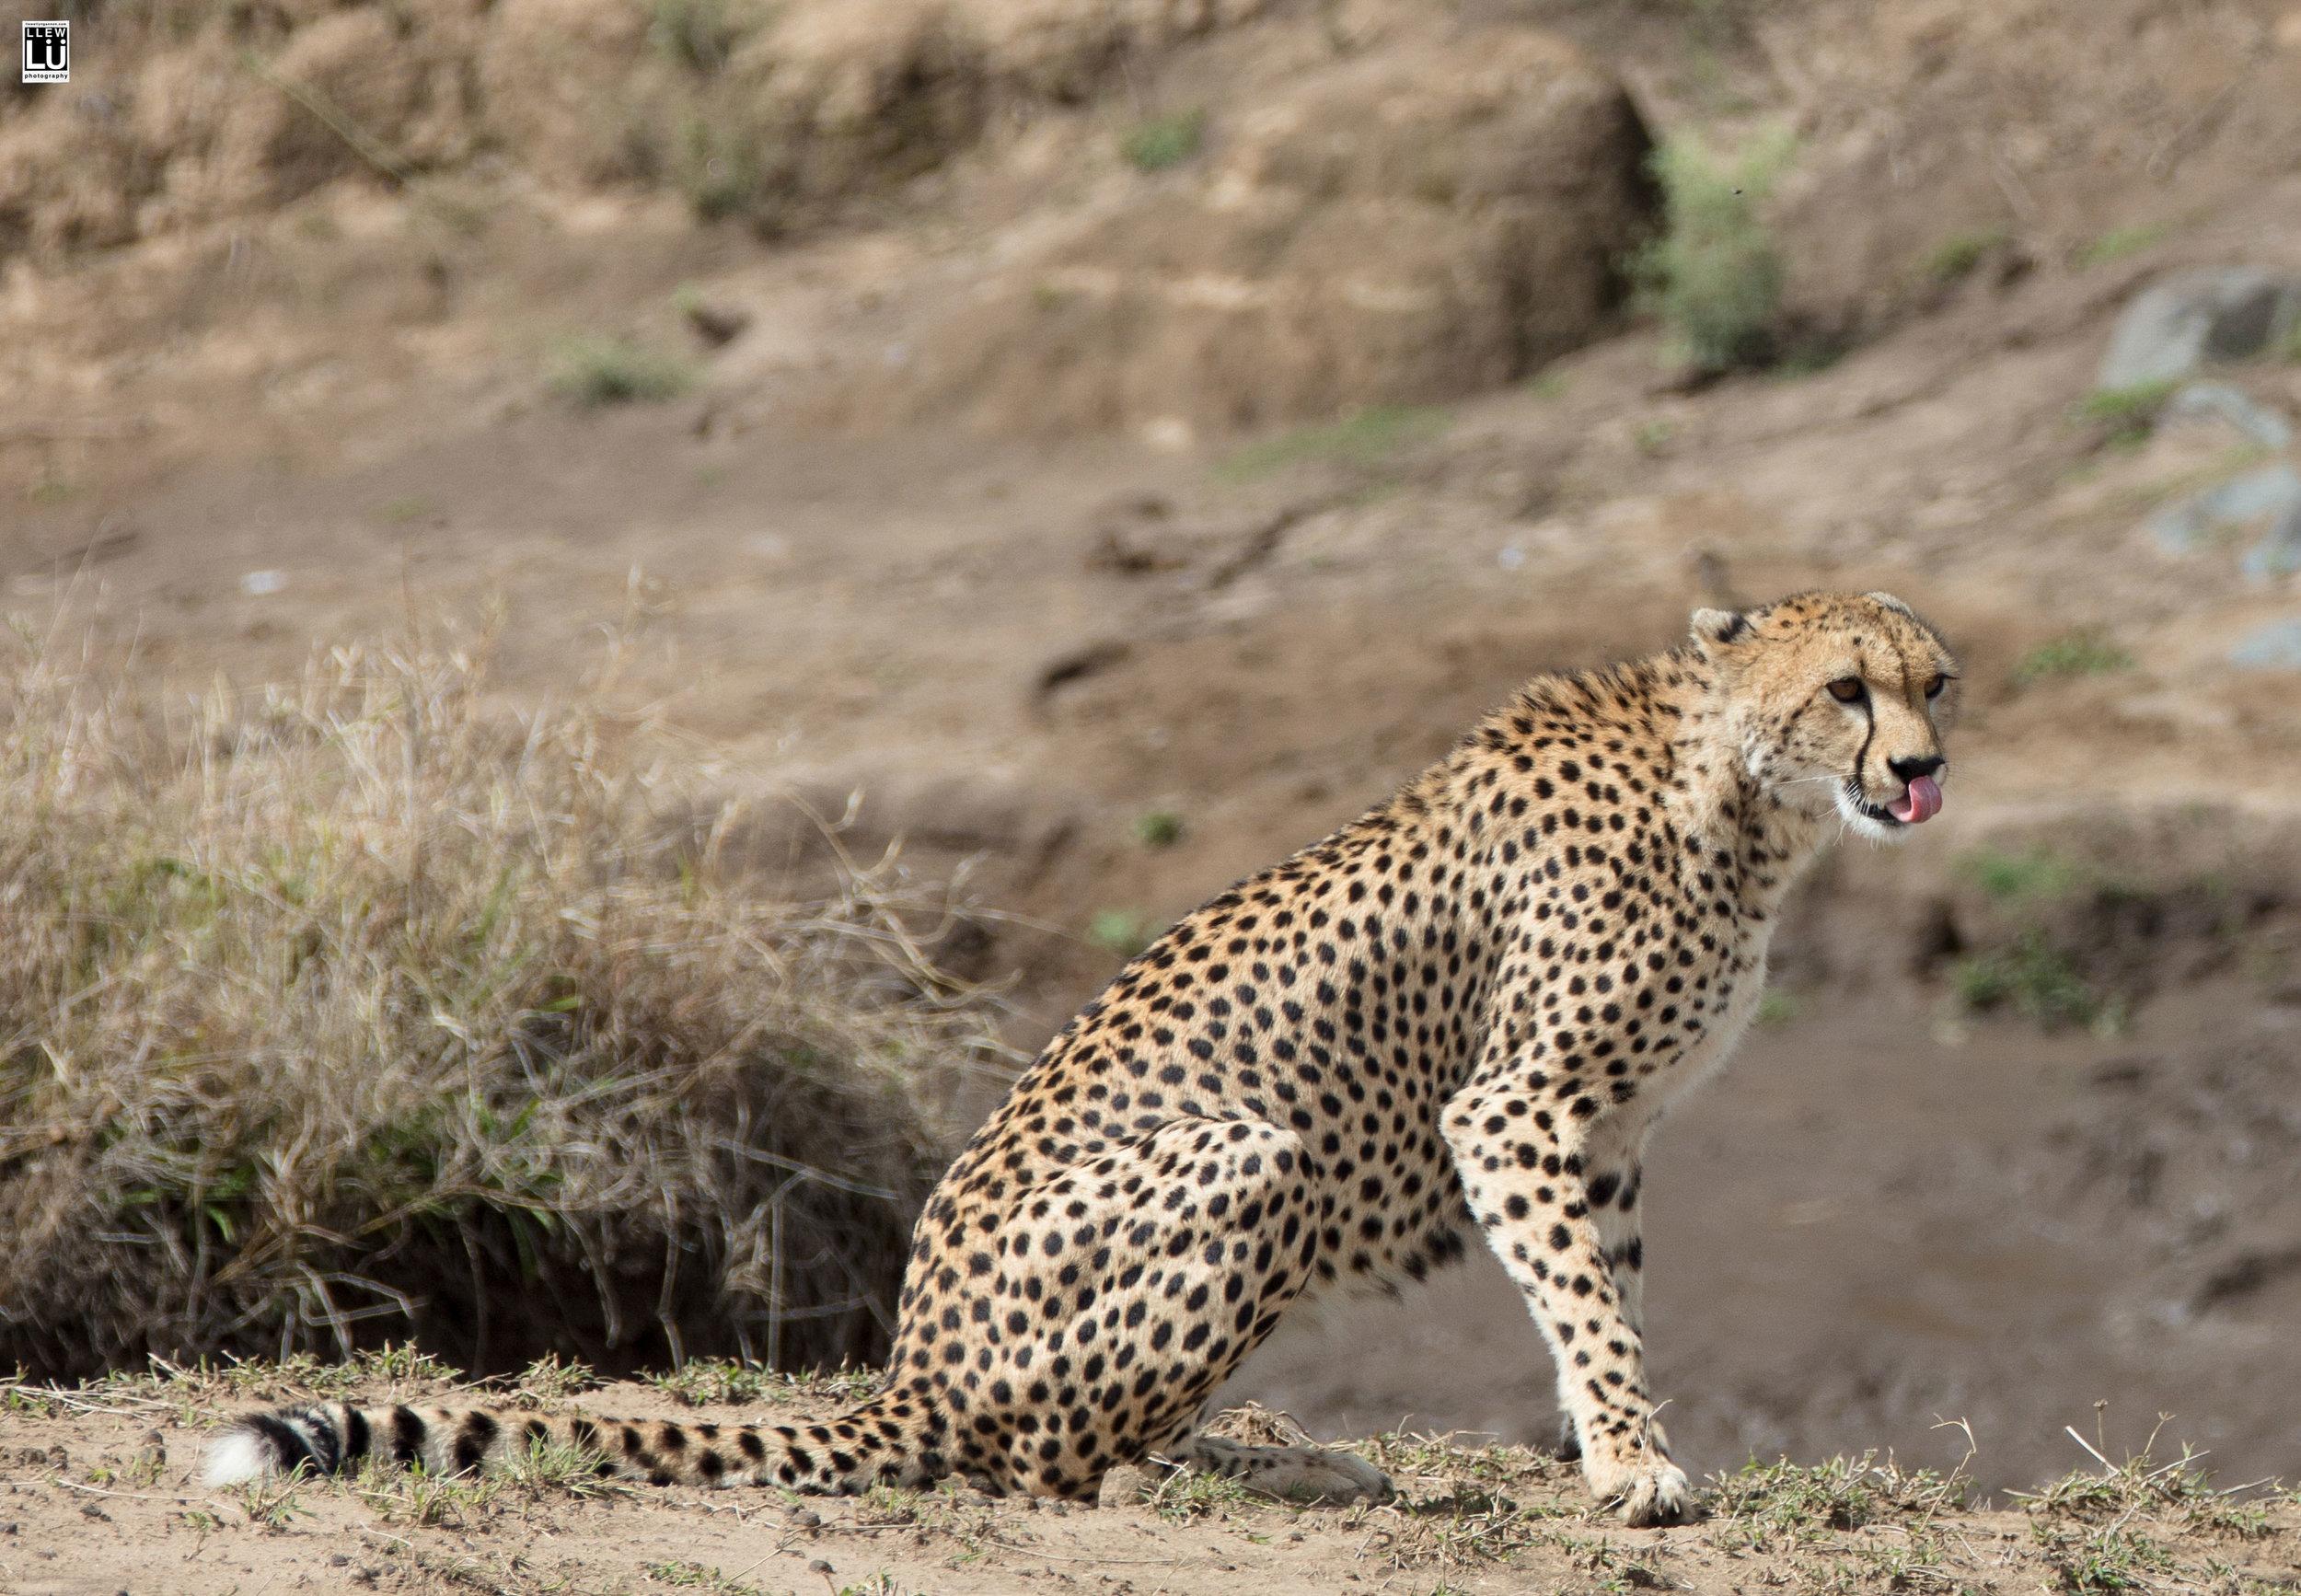 A cheetah in Masai Mara.